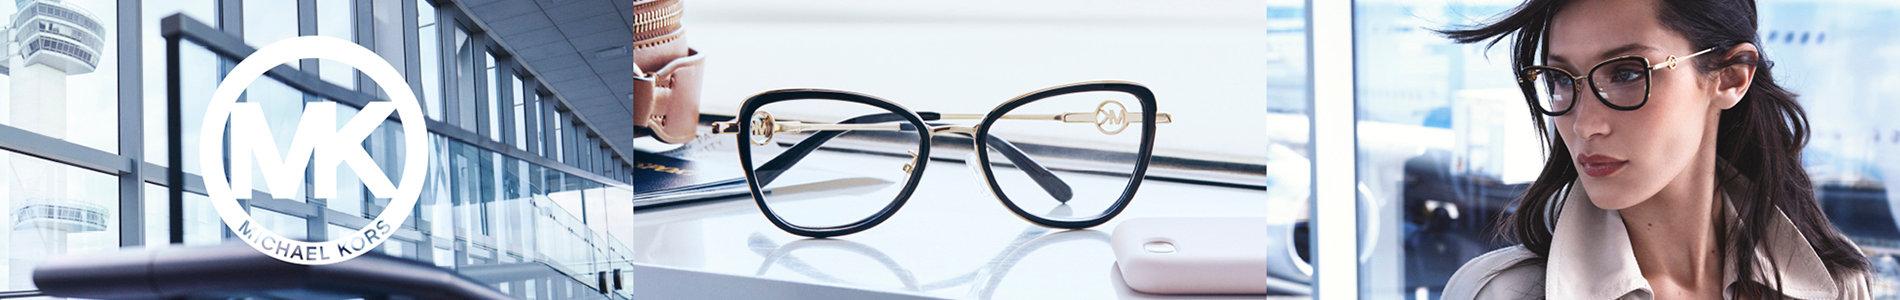 Michael Kors glasses online in Ilkeston